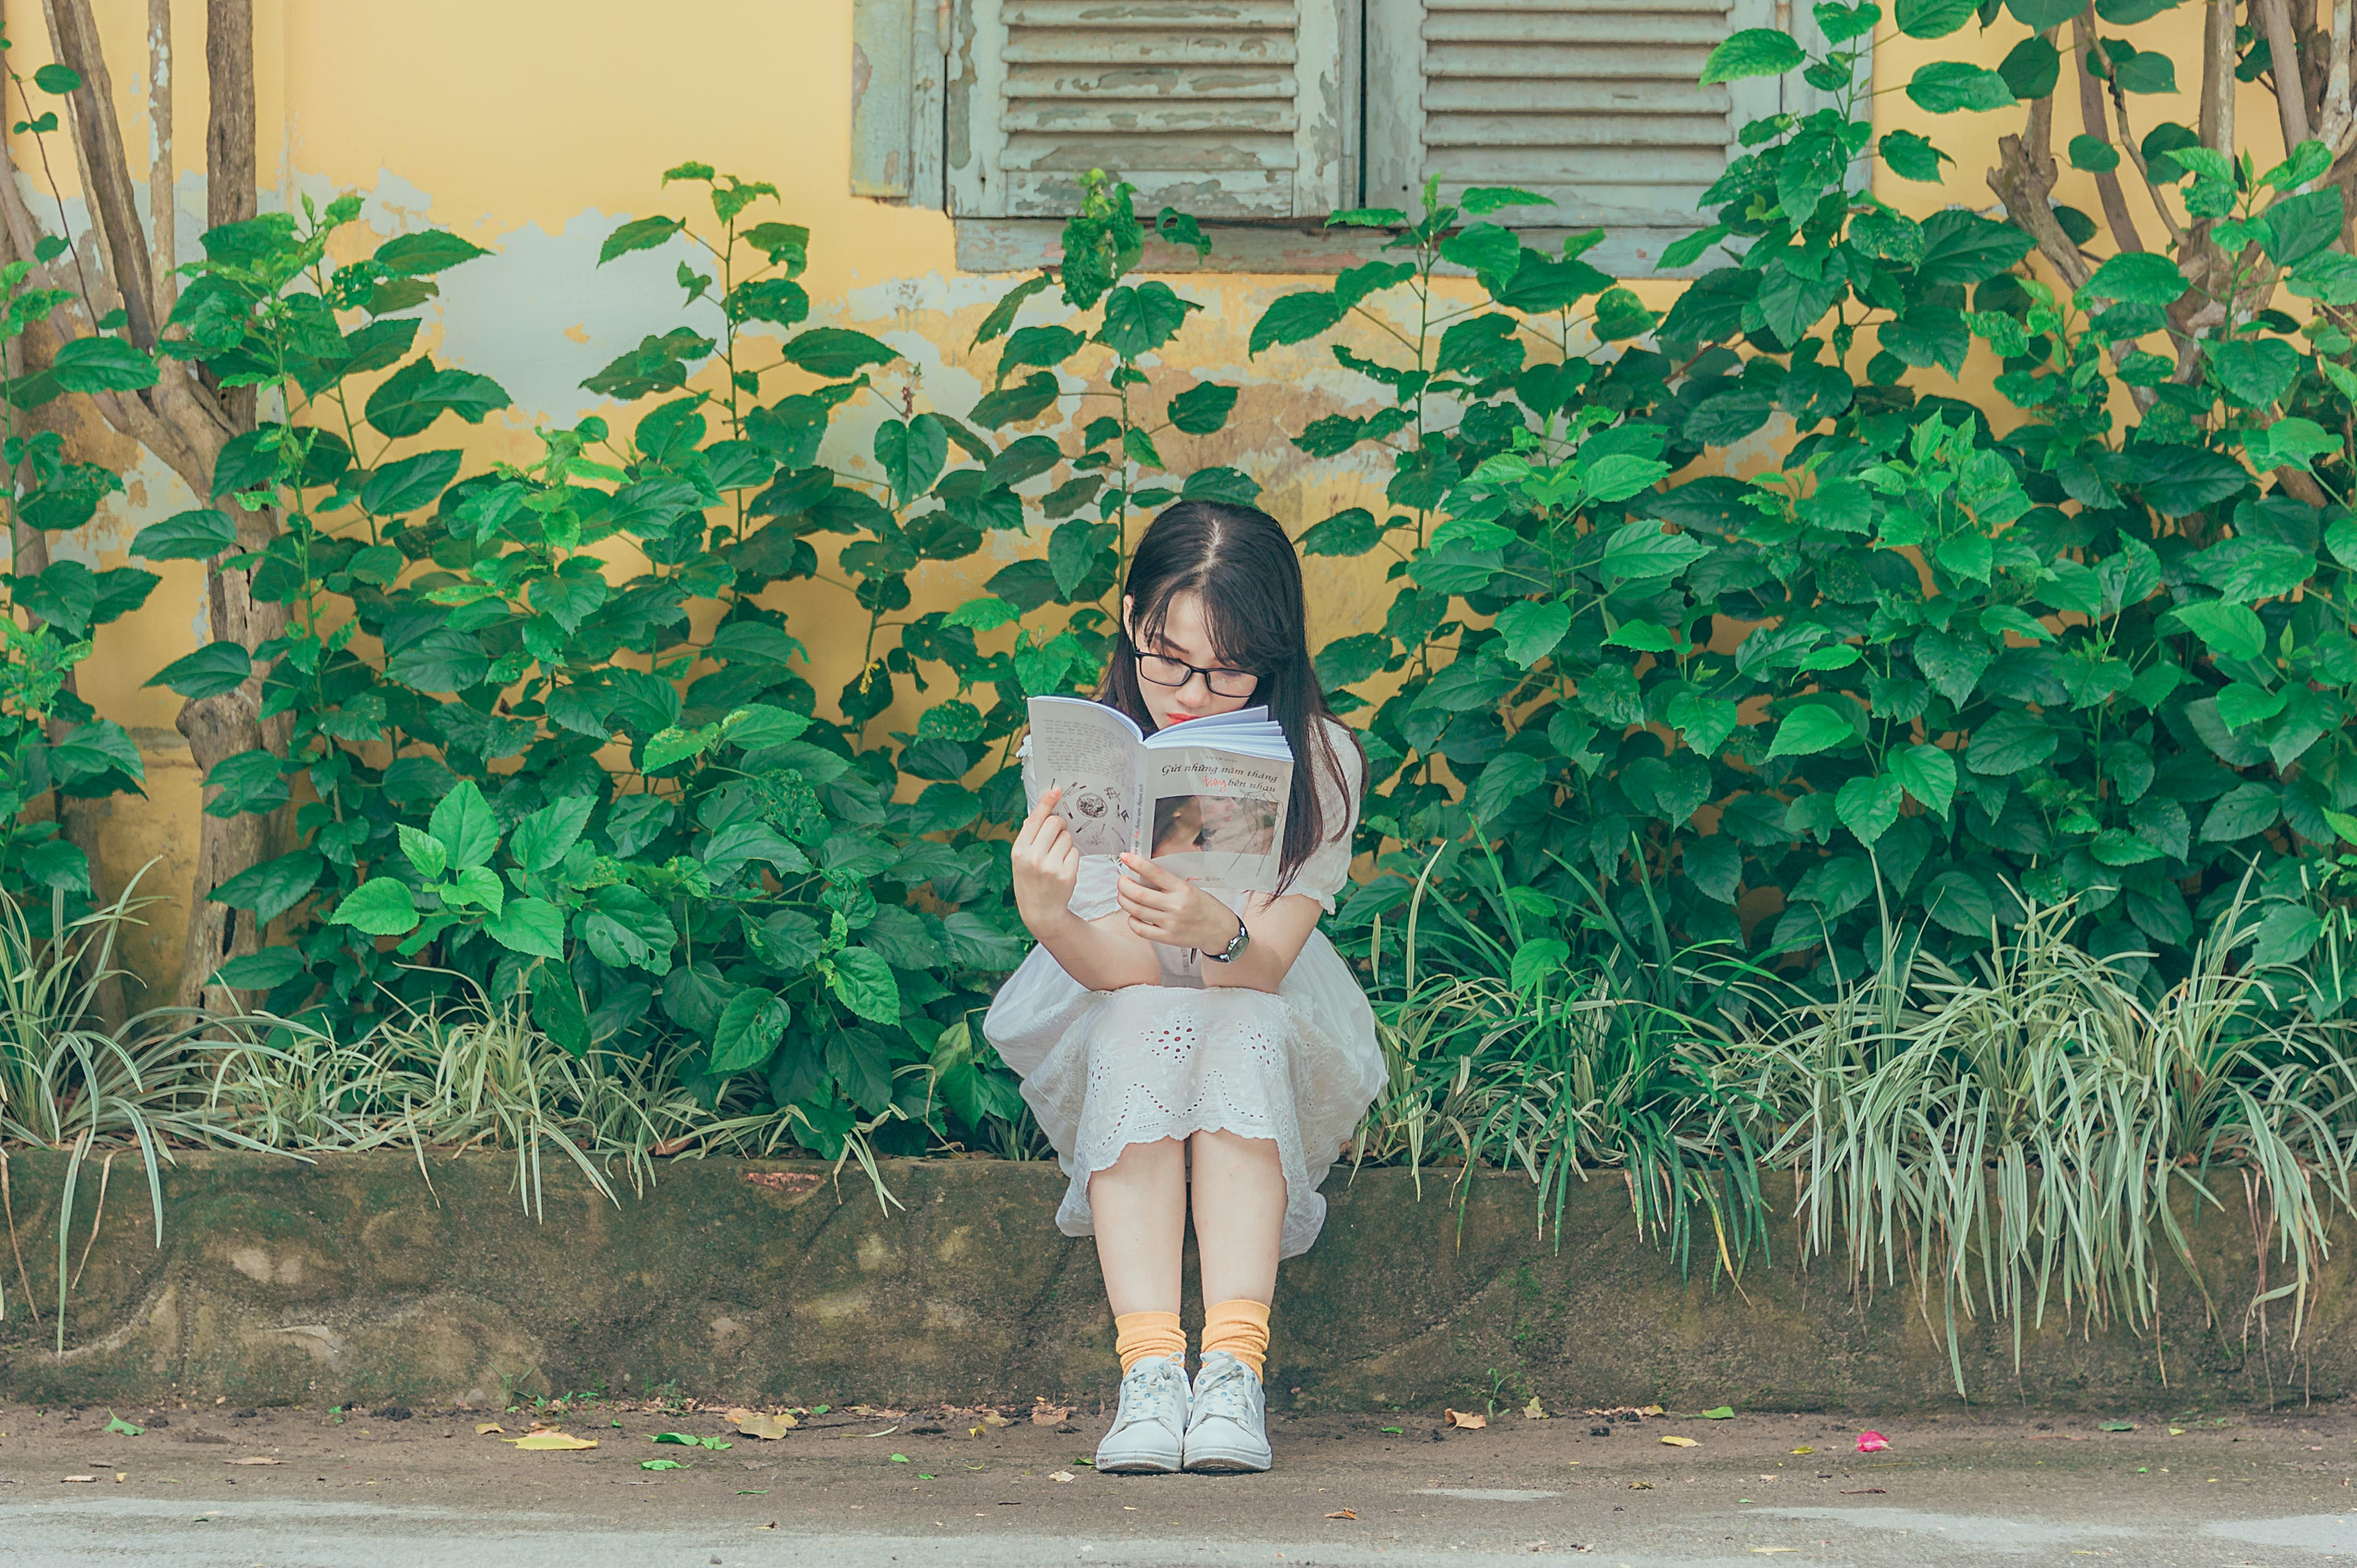 Безкоштовне стокове фото на тему «азіатська дівчина, Дівчина, денний час, дерева»